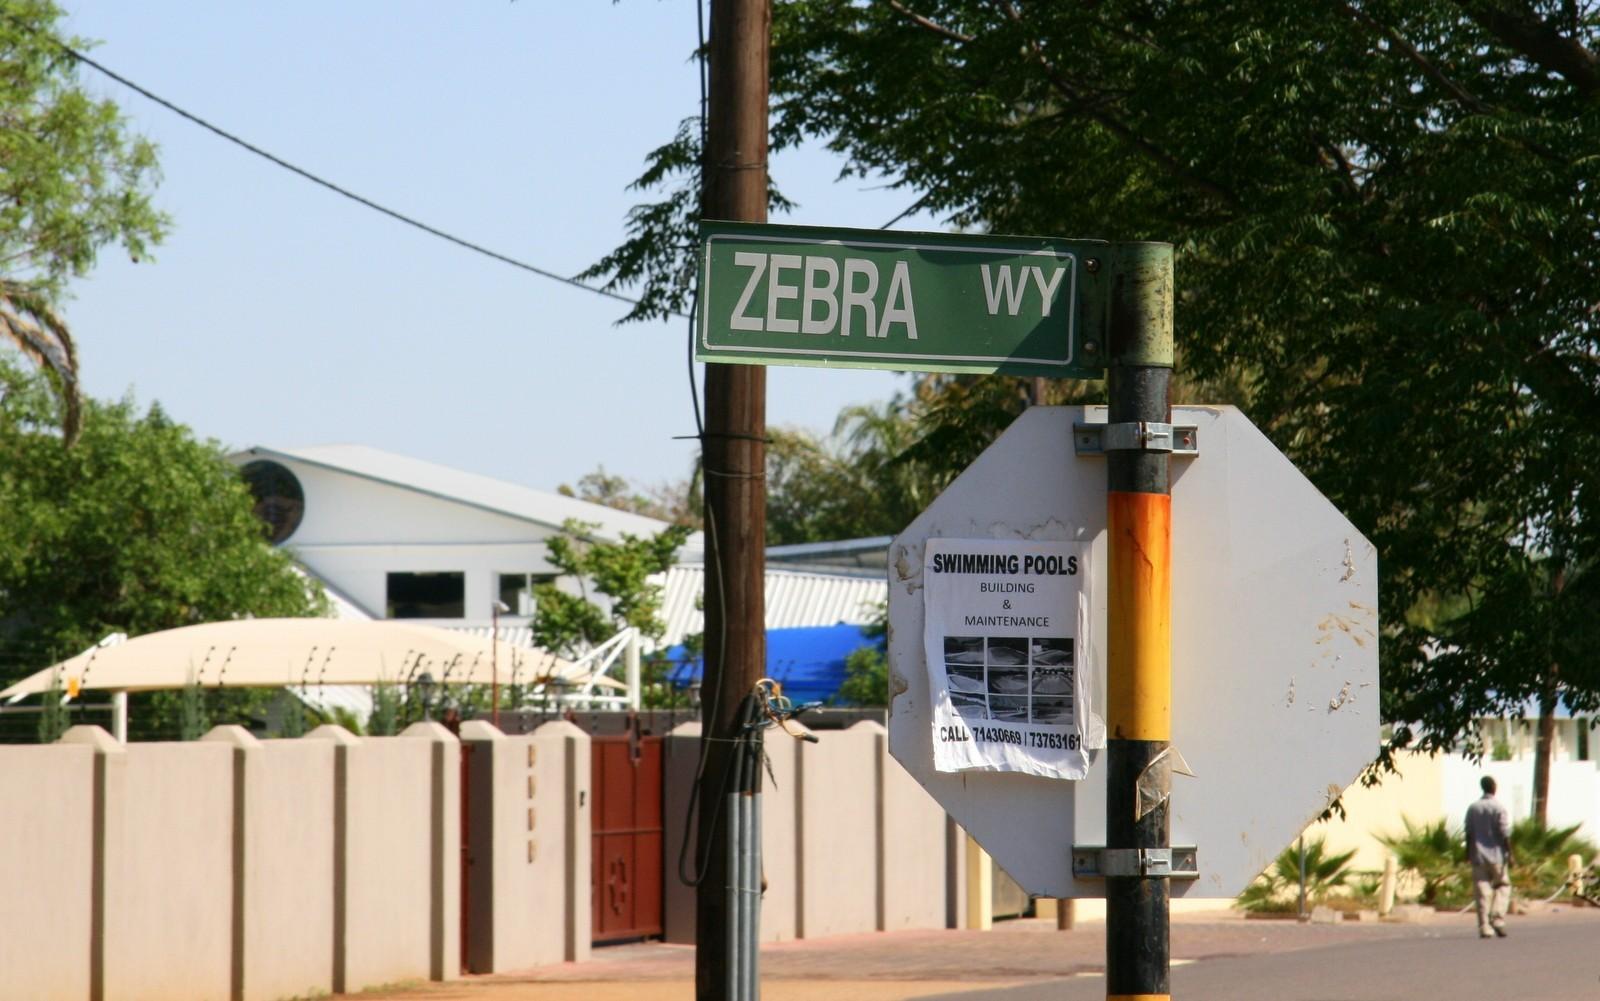 Zebra Drive, Gaborone, Botswana